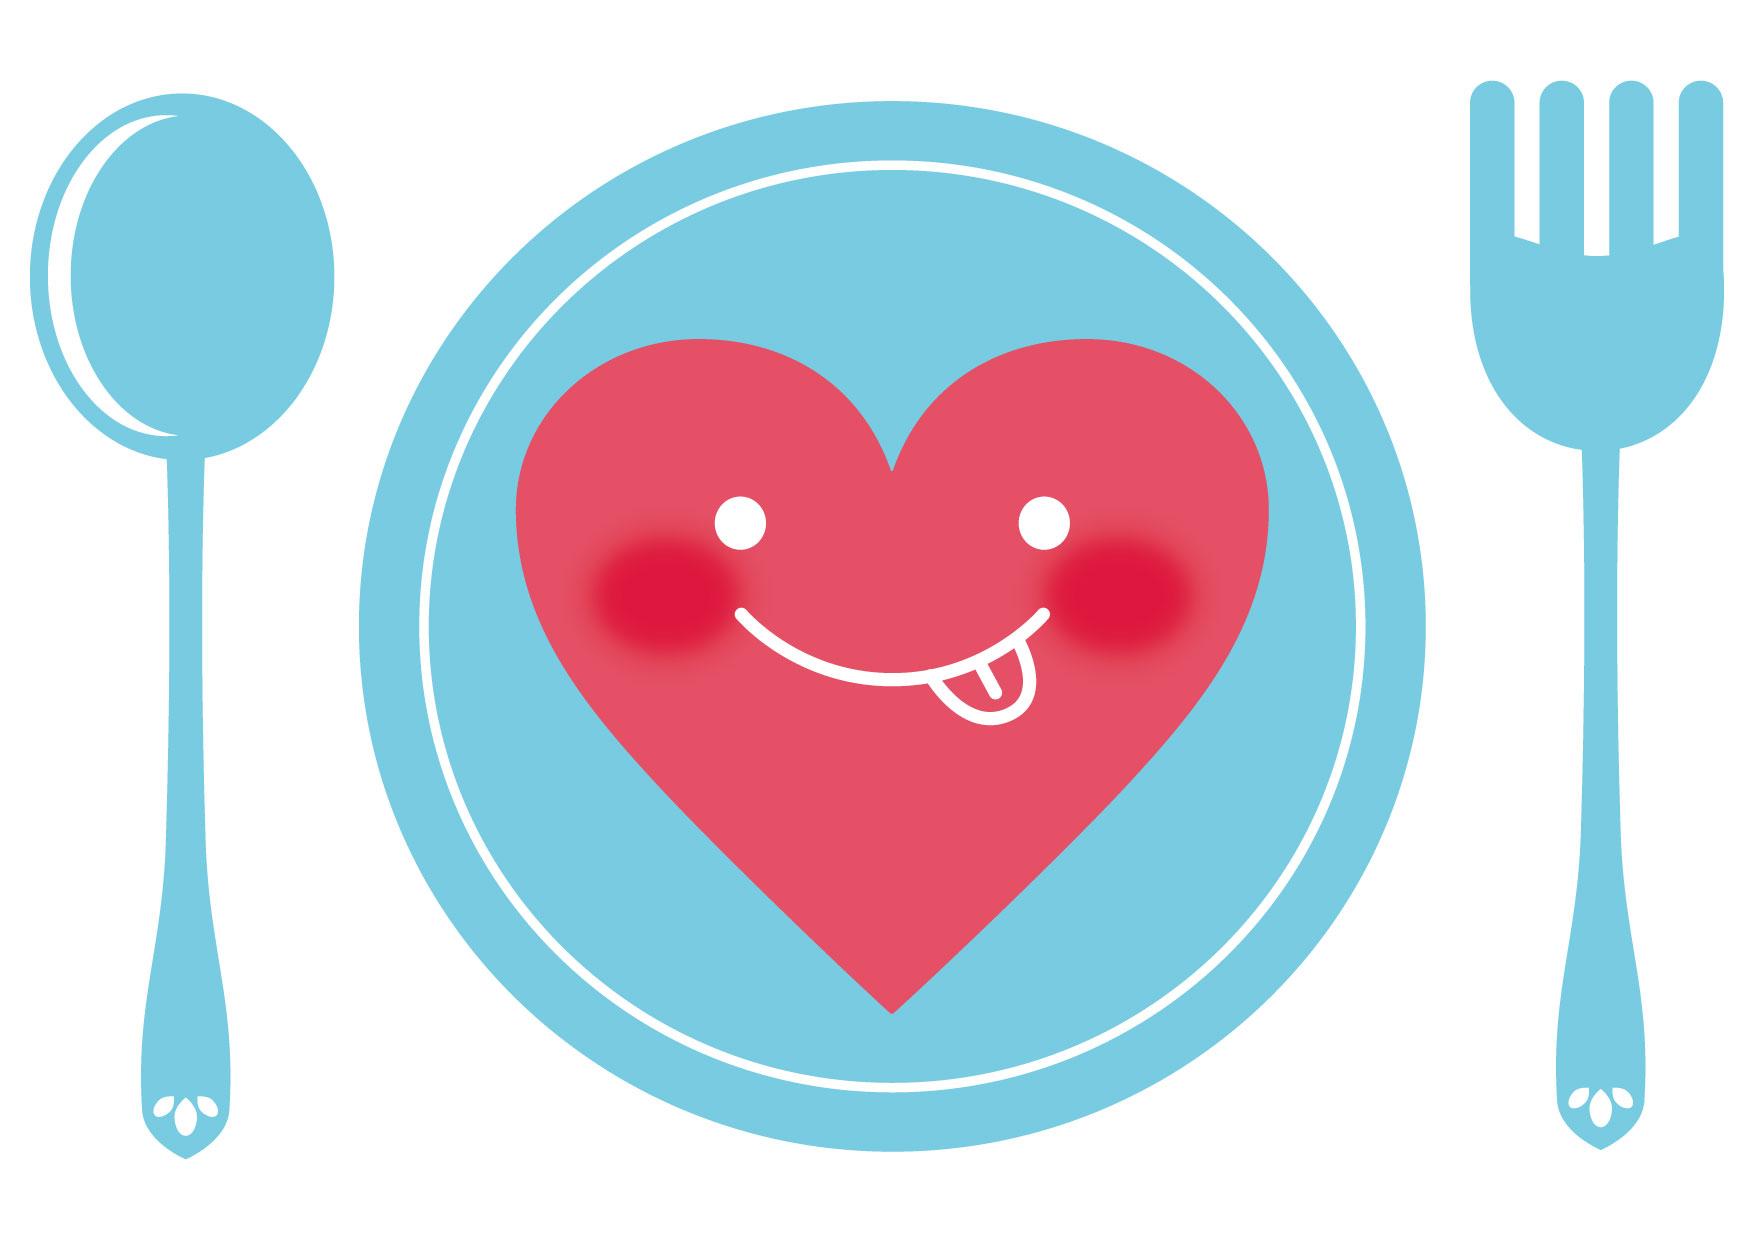 可愛いイラスト無料|お皿 ハート − free illustration Plate heart